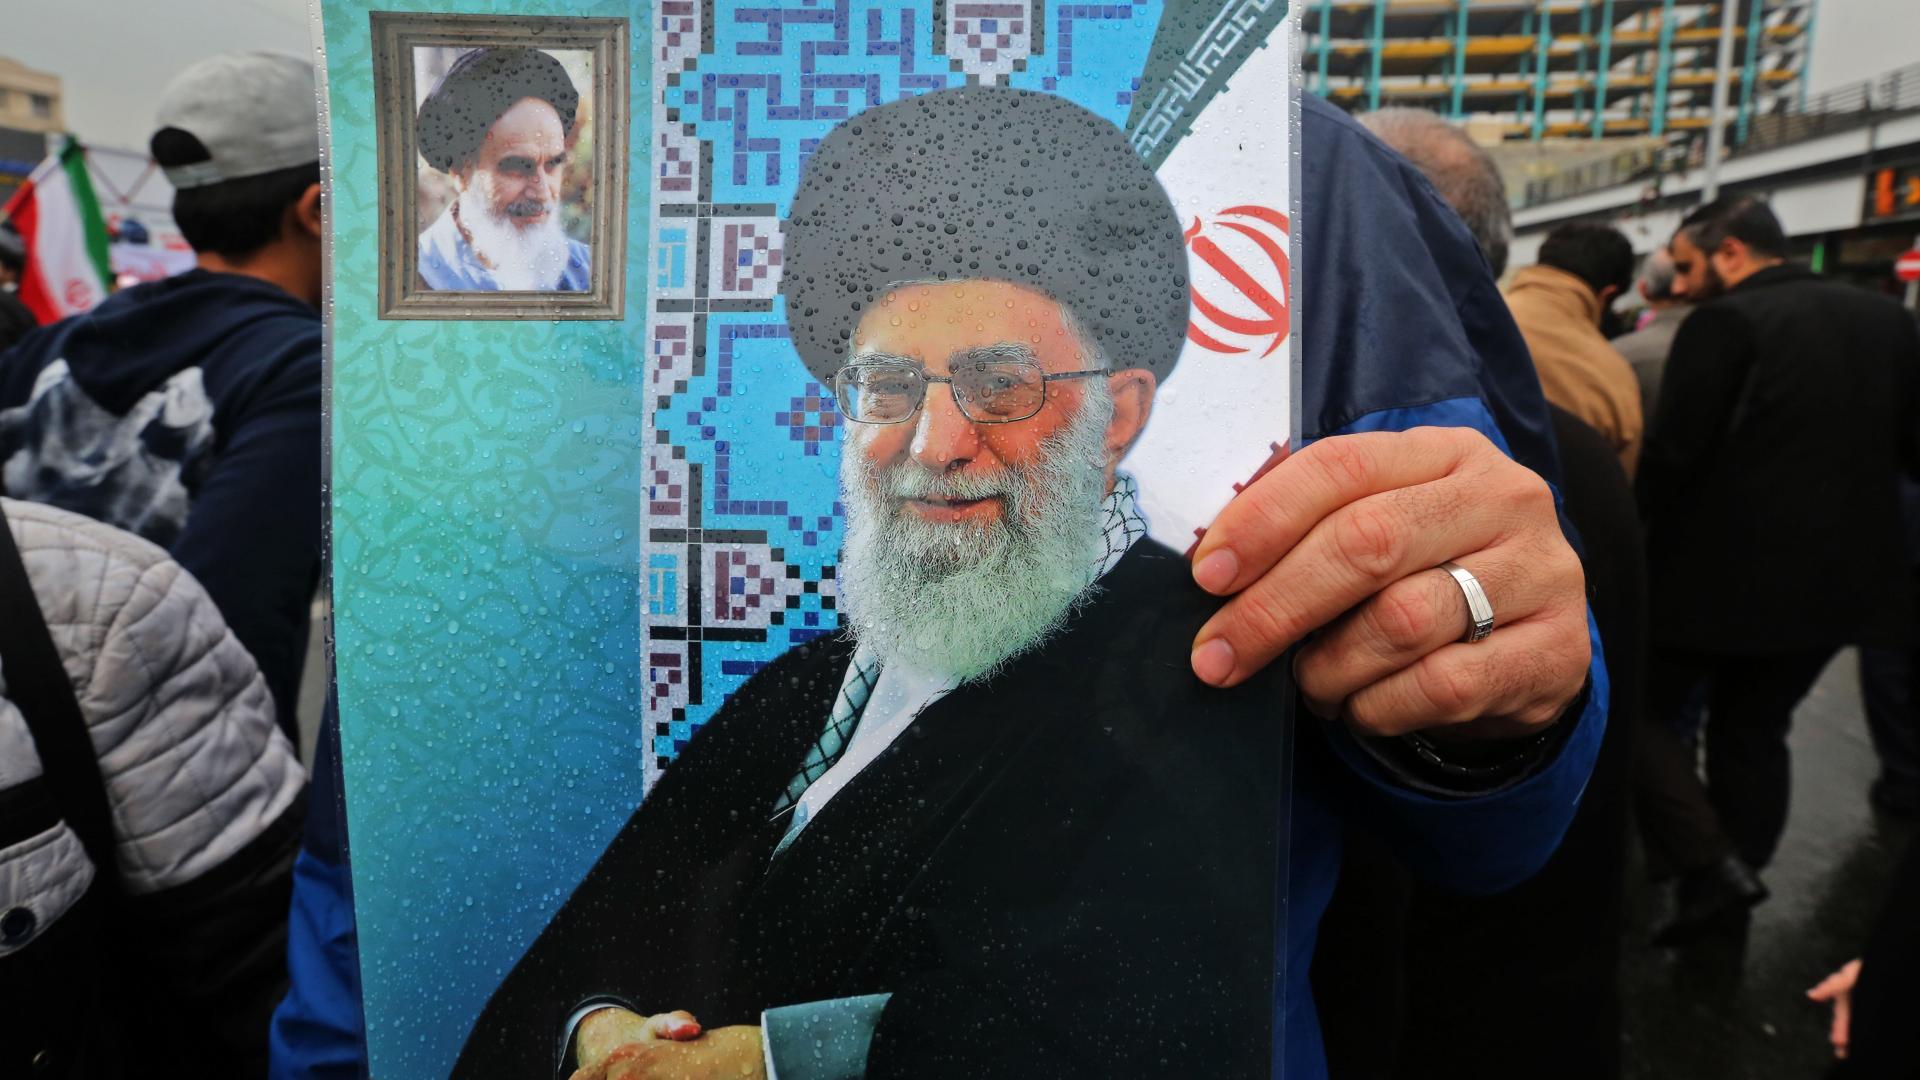 كامليا انتخابي فرد تكتب لـCNN: من هو المرشد الأعلى التالي في إيران؟